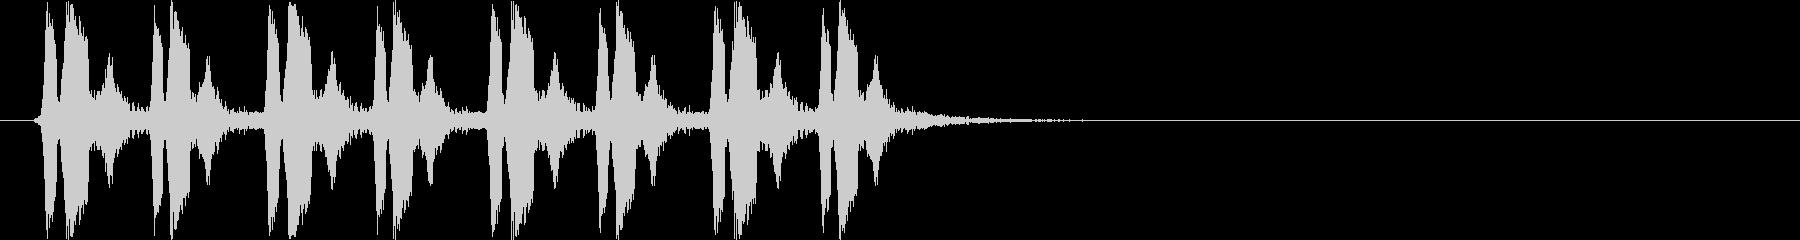 ピヨピヨピヨピヨ(混乱状態)の未再生の波形